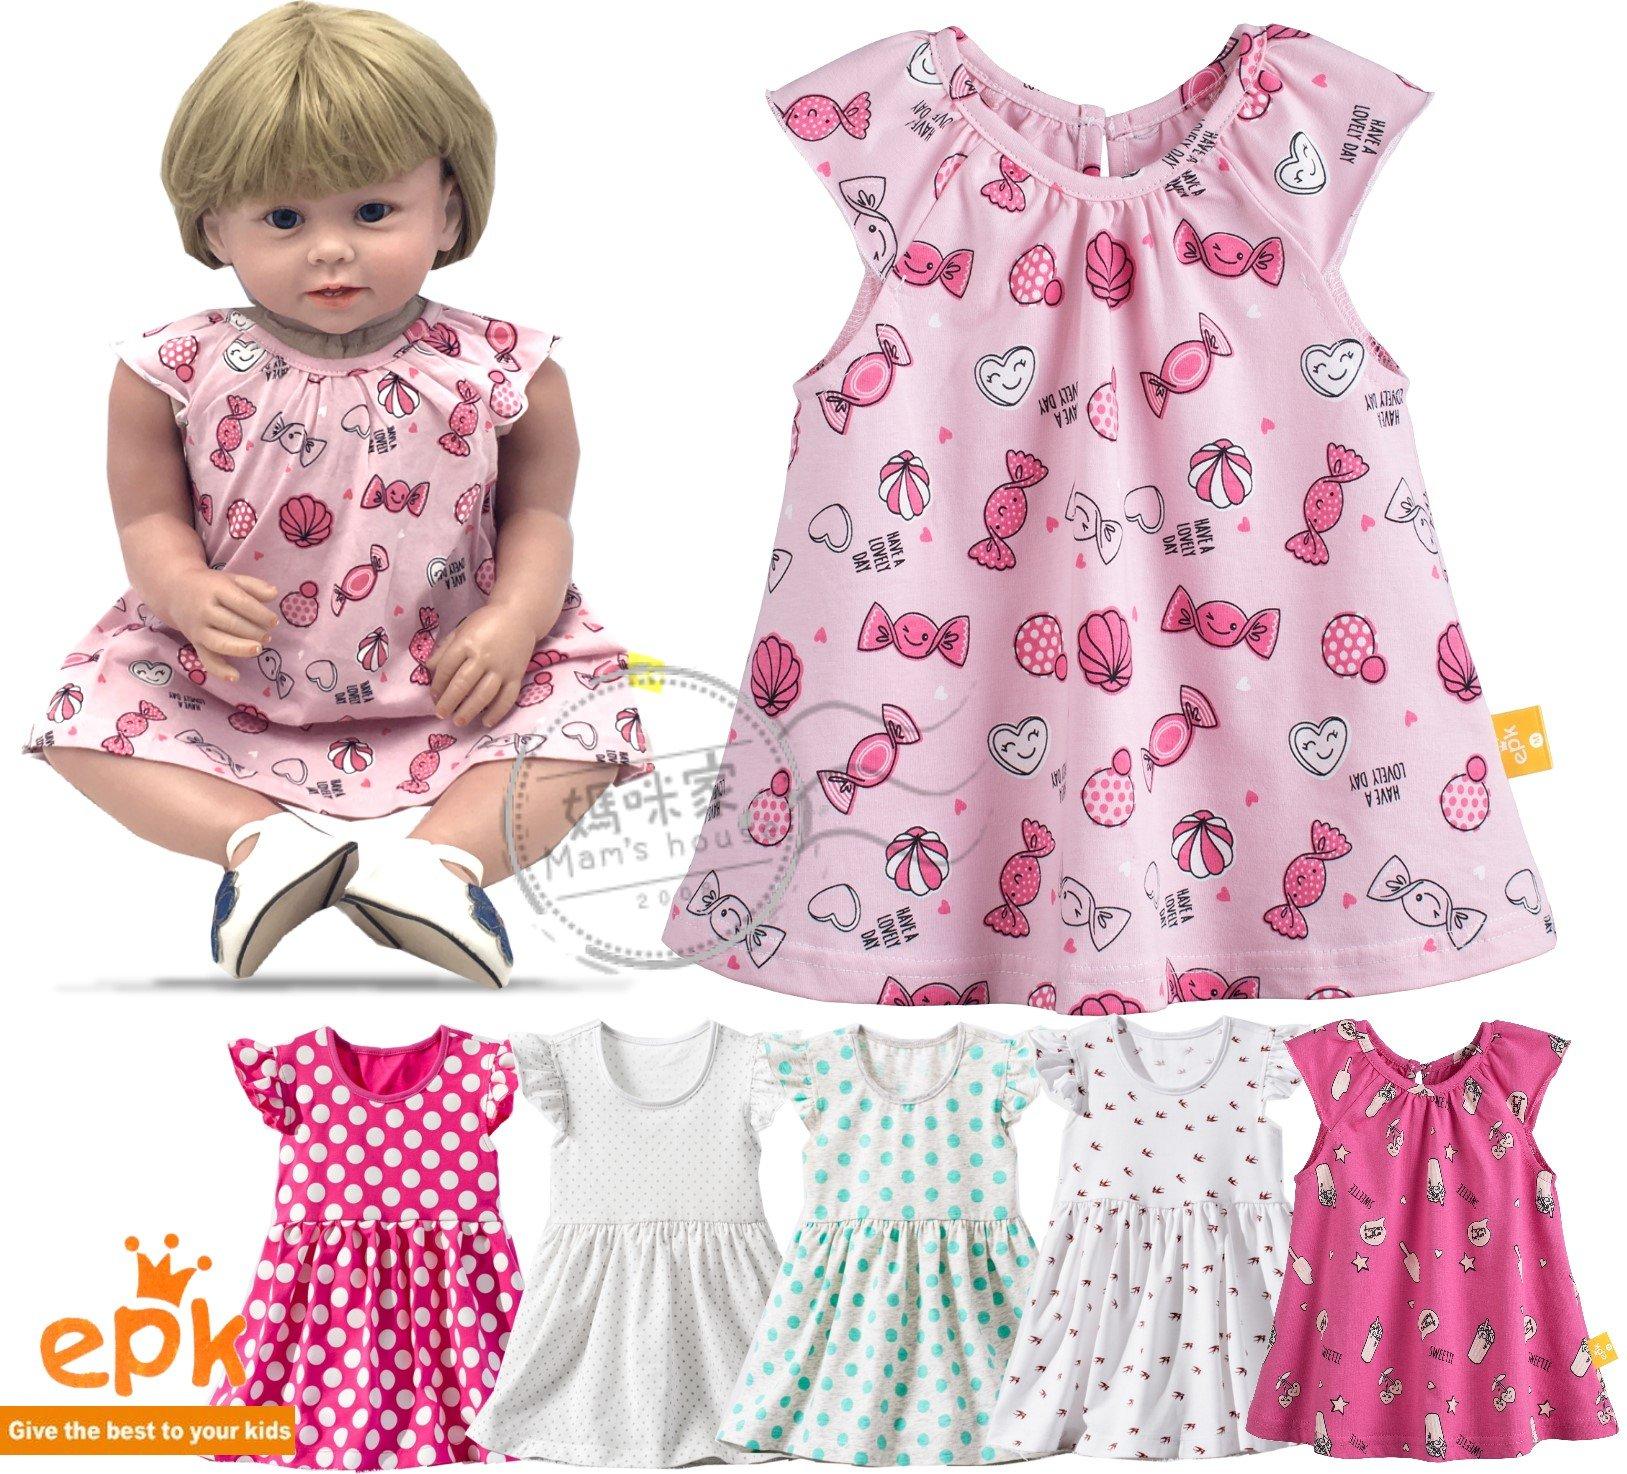 媽咪家【AG096】AG96花邊袖洋裝 epk 小童 飛袖 荷葉袖 傘狀 高腰 長版上衣 背心裙 娃娃裝~M號-110